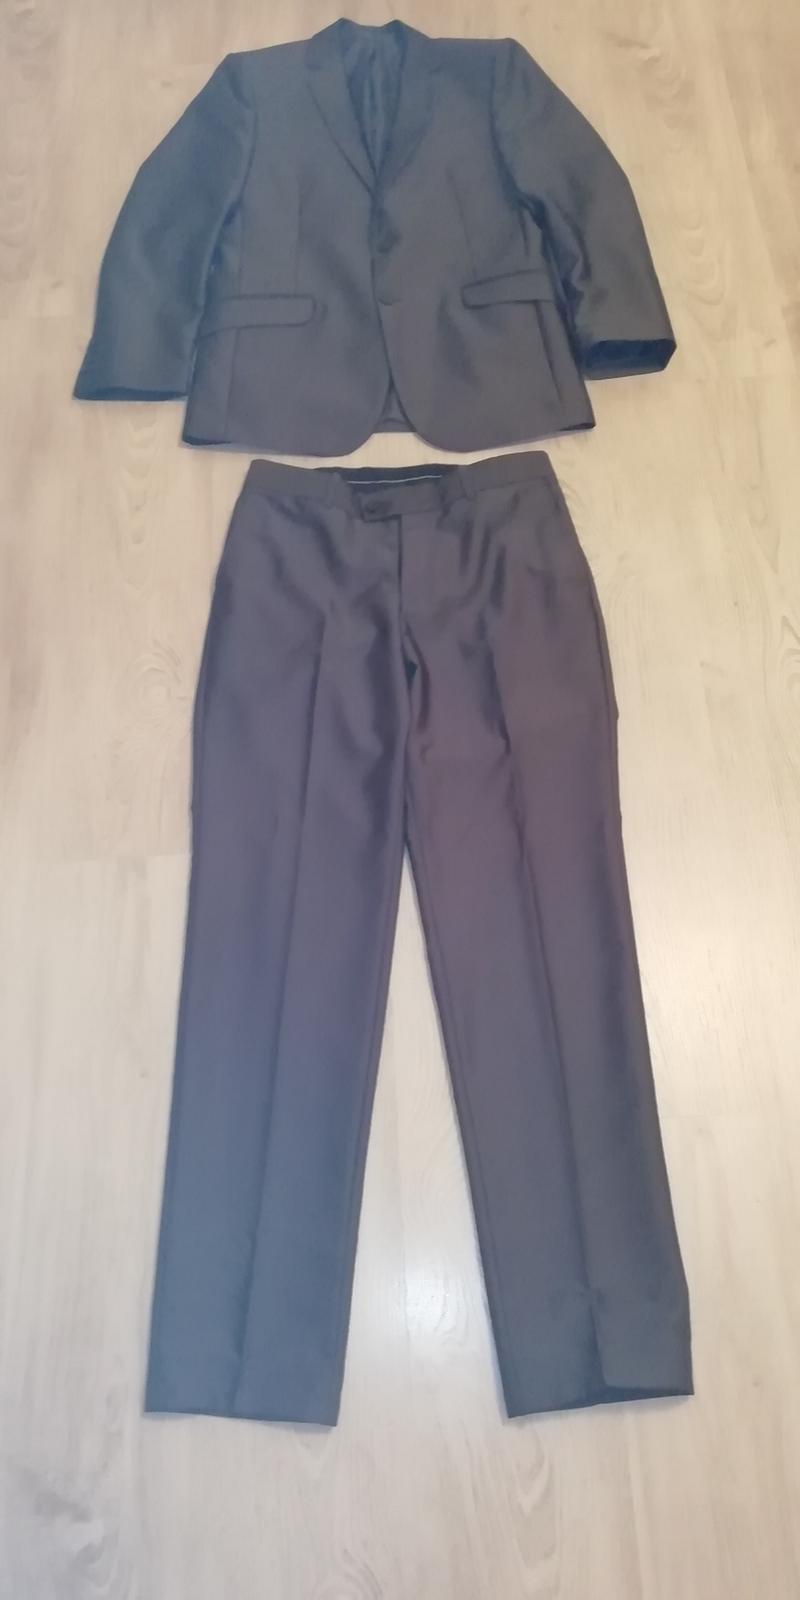 Pánsky oblek slim fit veľ. 48 lesklý - Obrázok č. 2